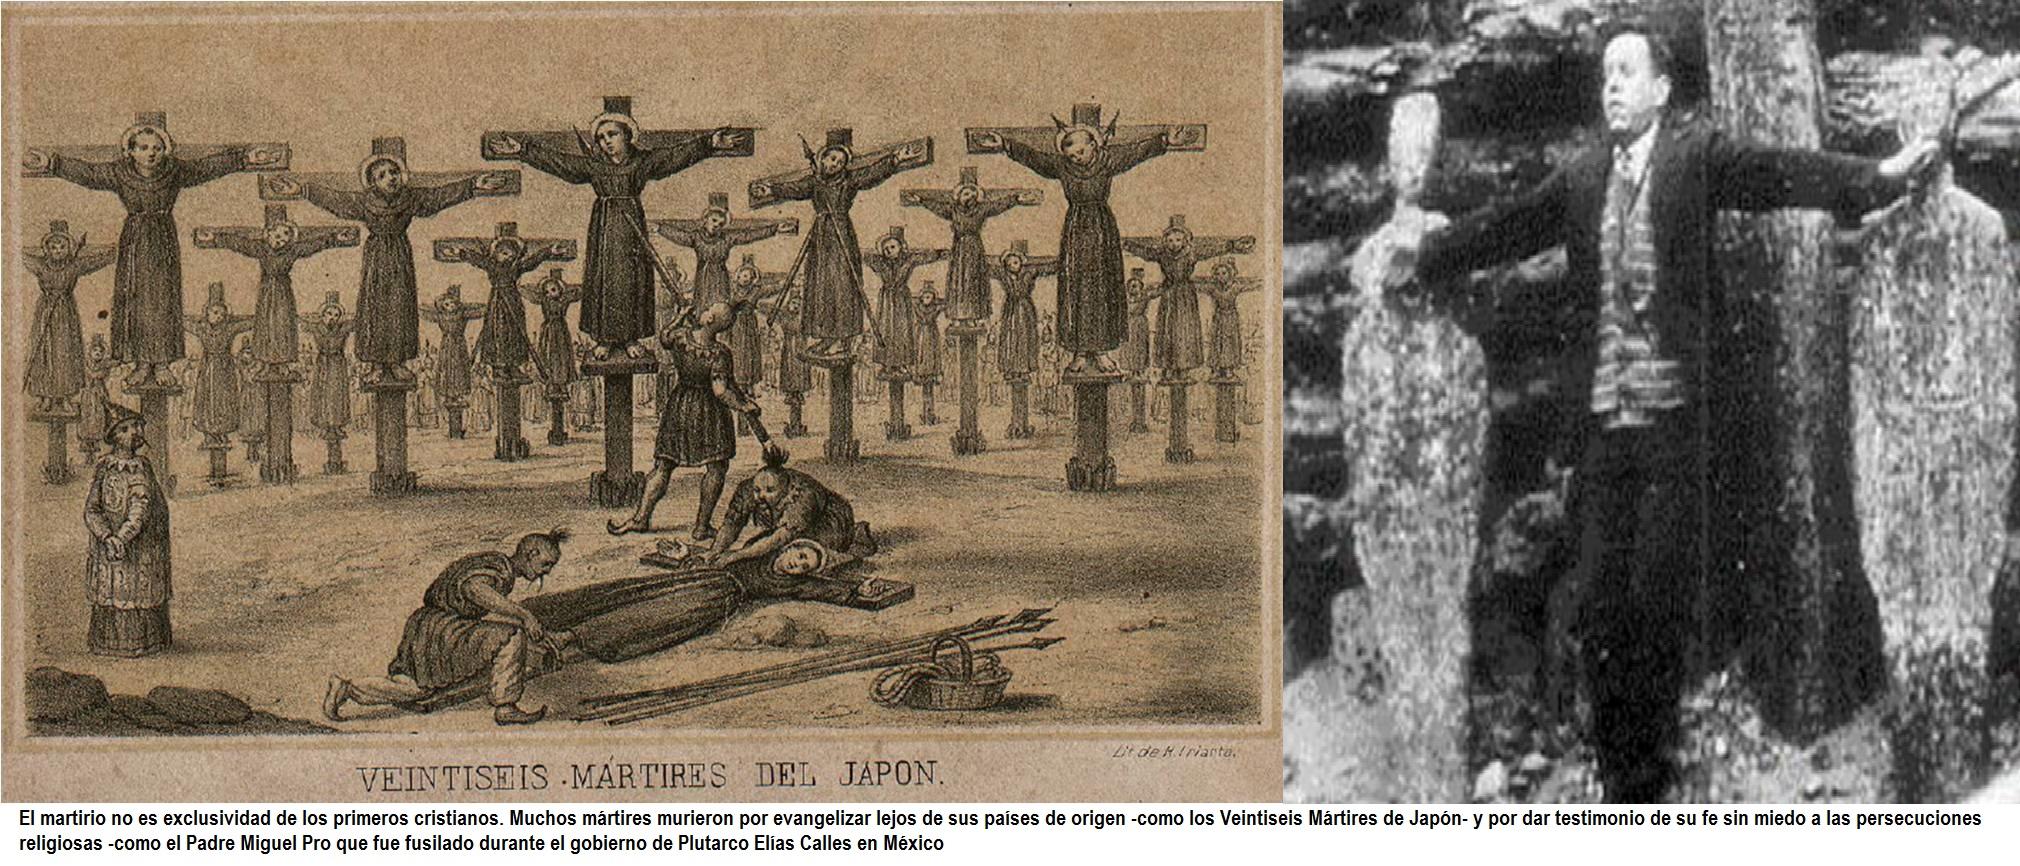 El Martirio de los Santos krouillong comunion en la mano sacrilegio 2